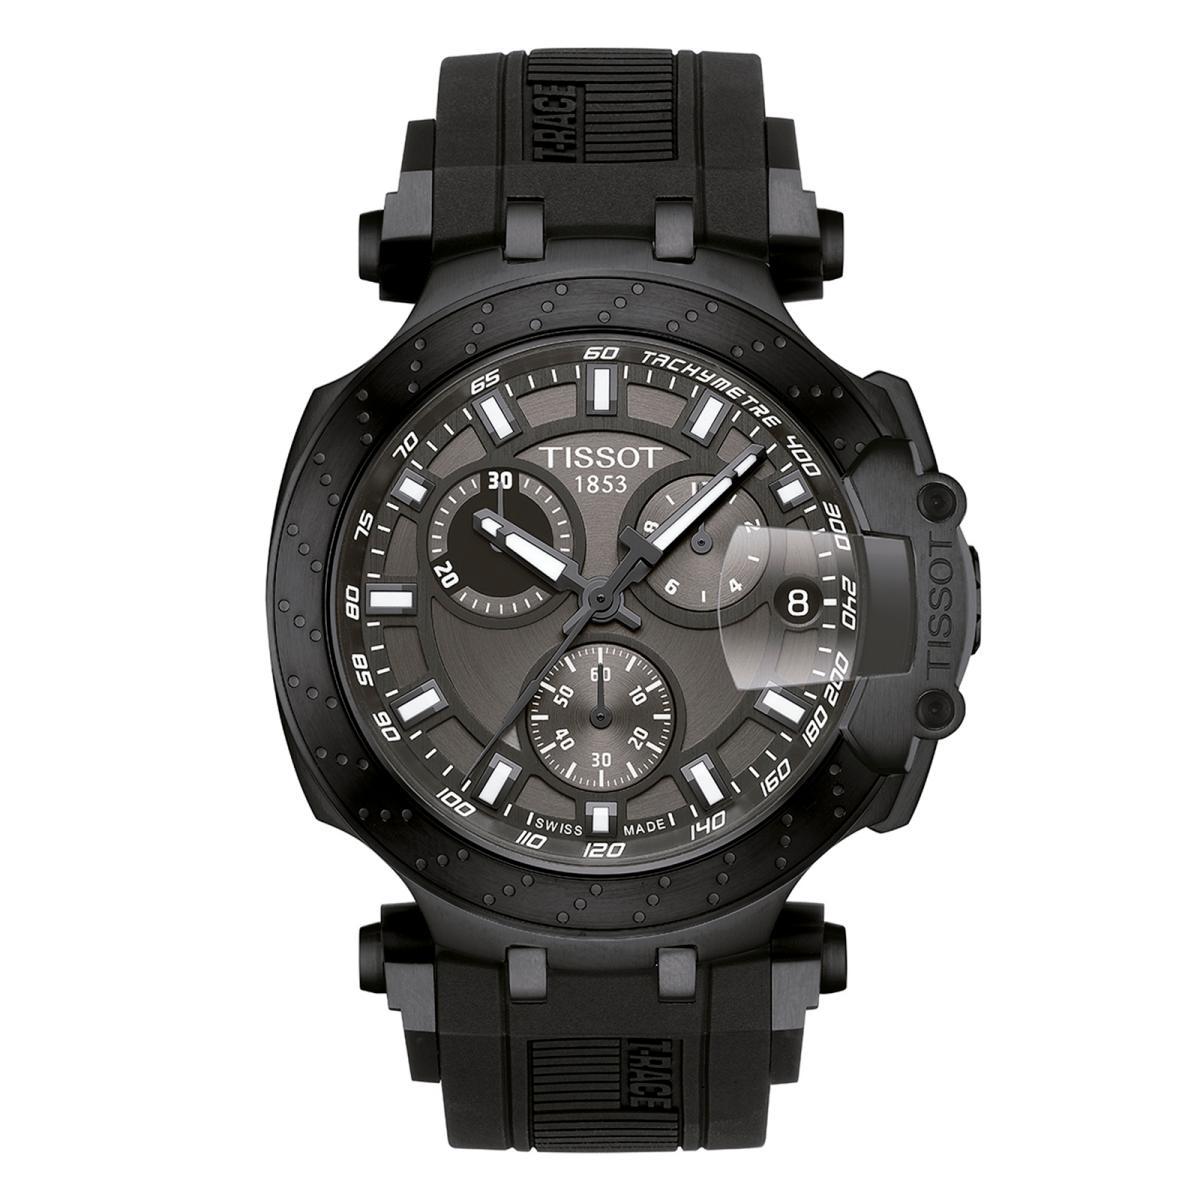 075d47b73c83 Reloj Tissot - T115.417.37.061.03 - HOMBRE - Time Square